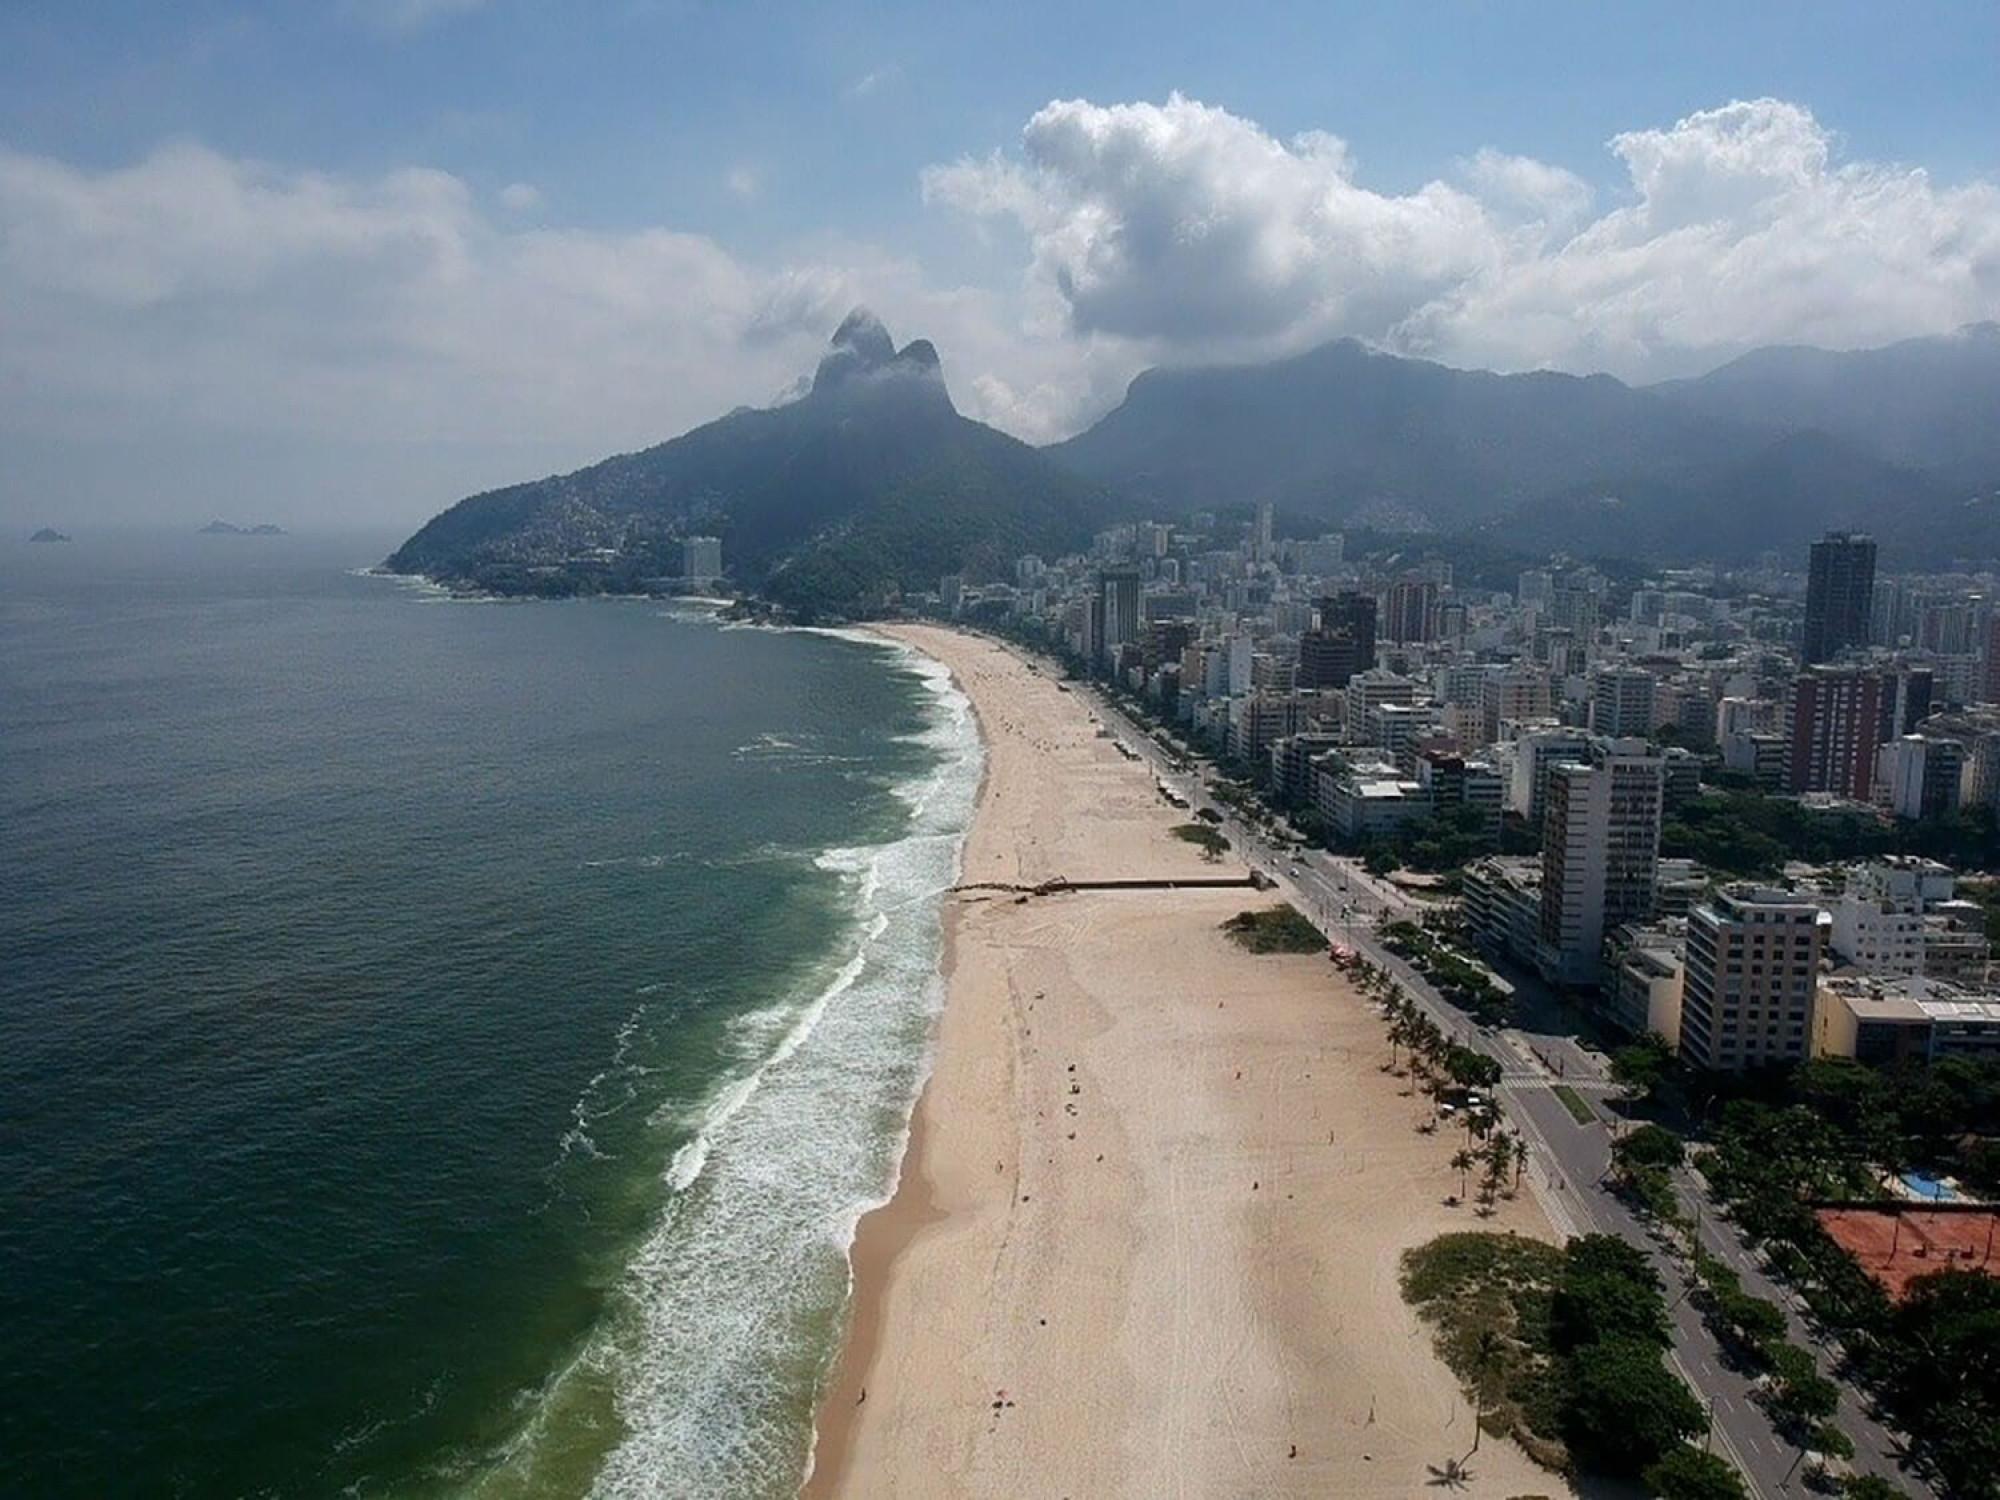 La platja d'Ipanema buida de gent a Rio de Janeiro, el Brasil